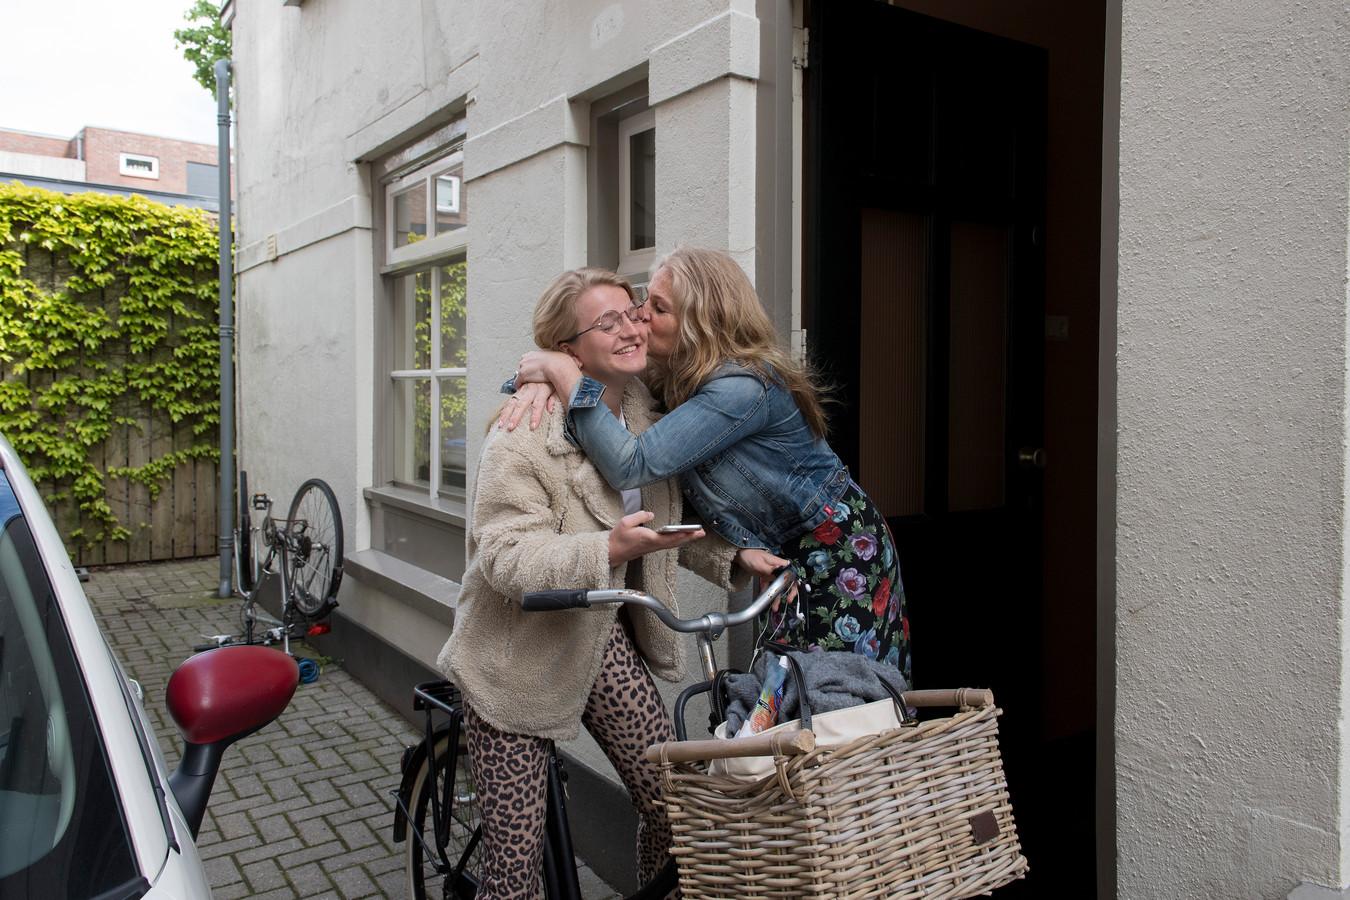 Moeders blijft thuis duimendraaien. Met een dikke kus wenst ze je , voordat je op de fiets stapt, alle succes van de wereld.